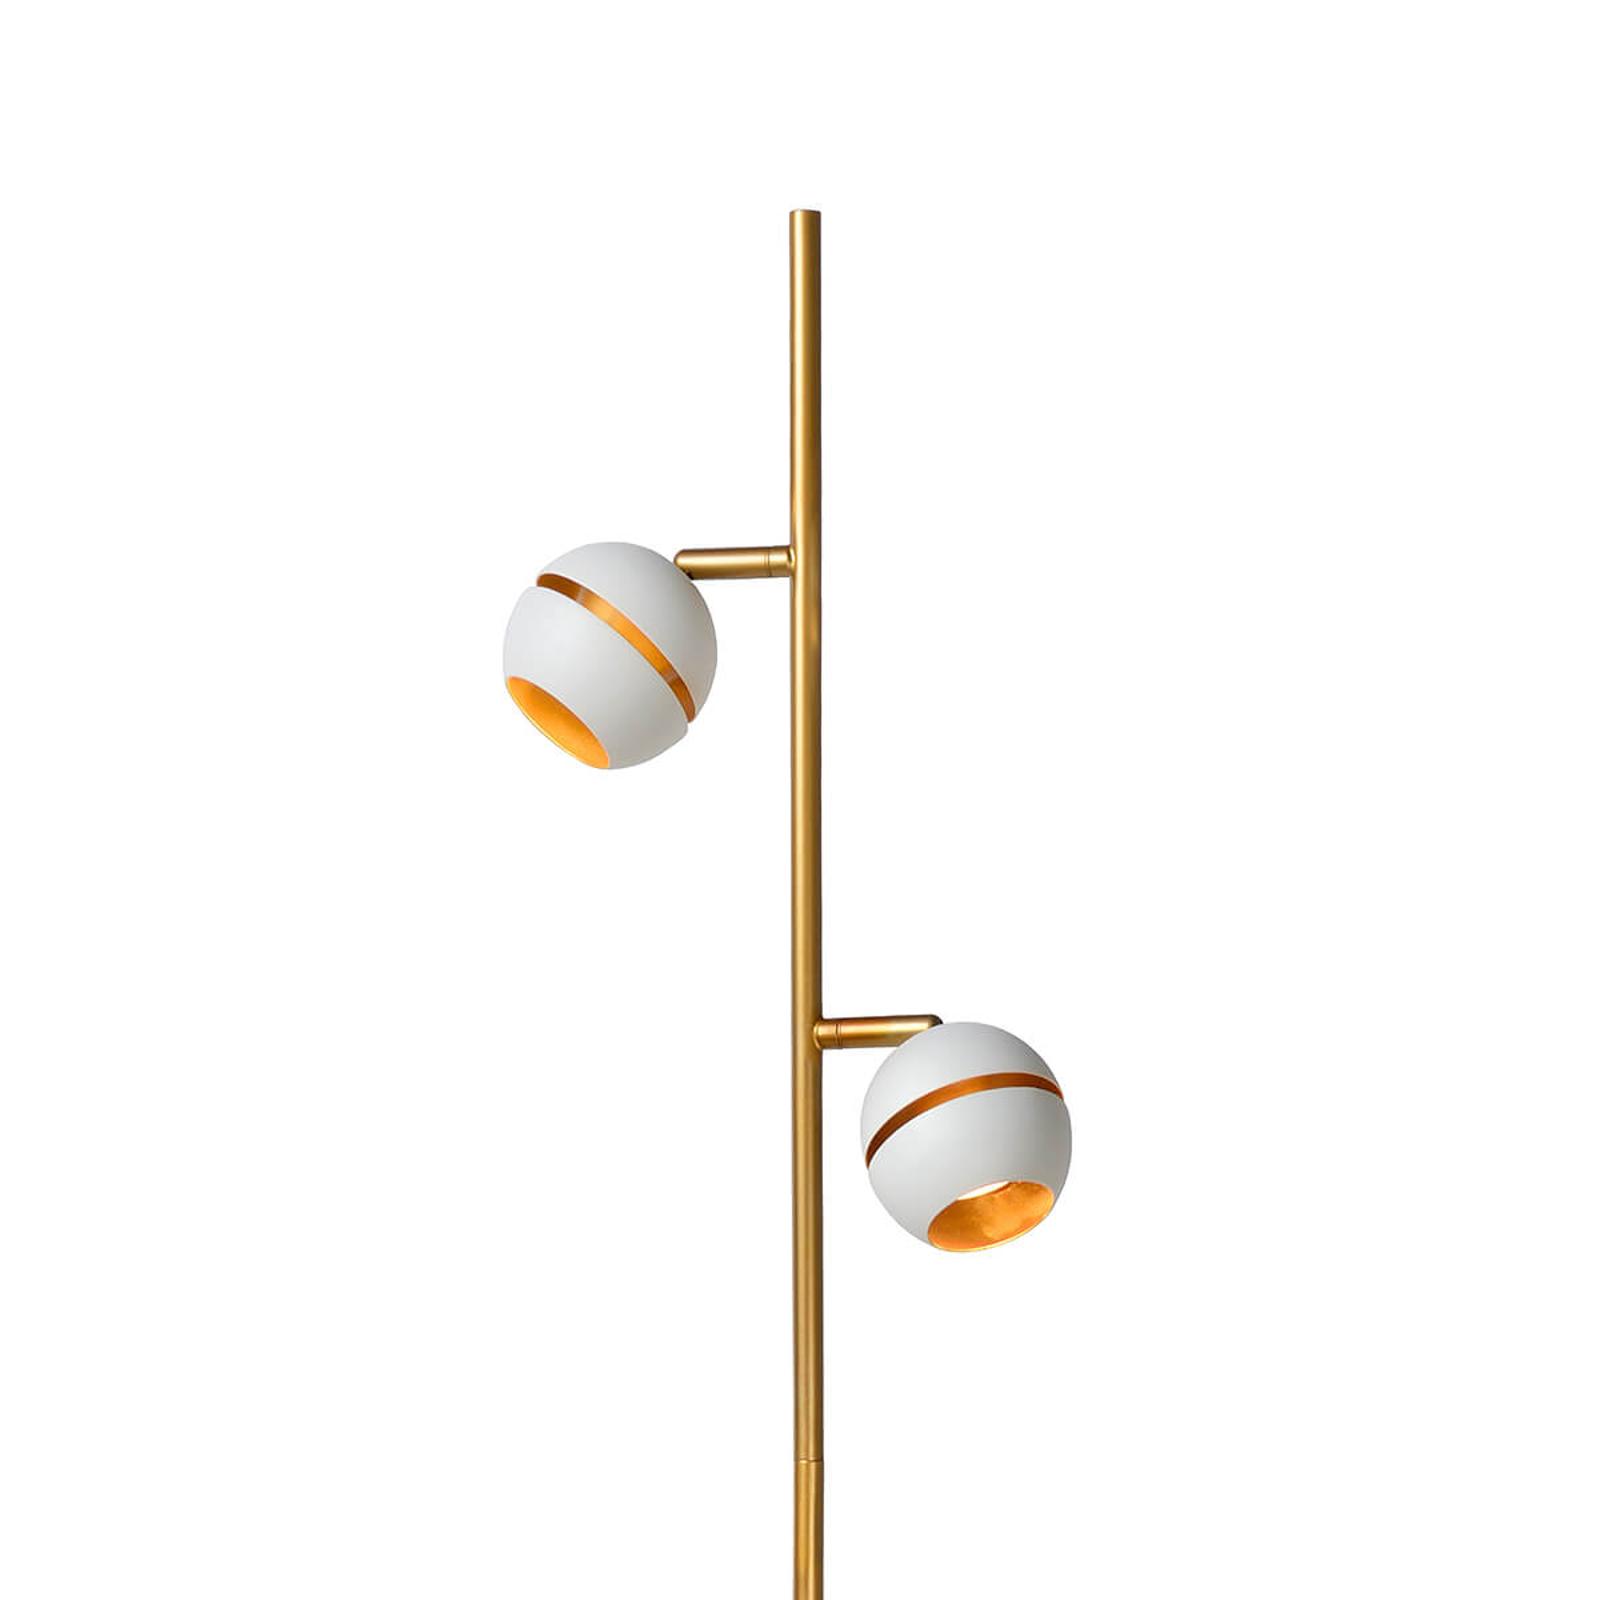 Niezwykła lampa stojąca LED Binari 2-pkt., biała